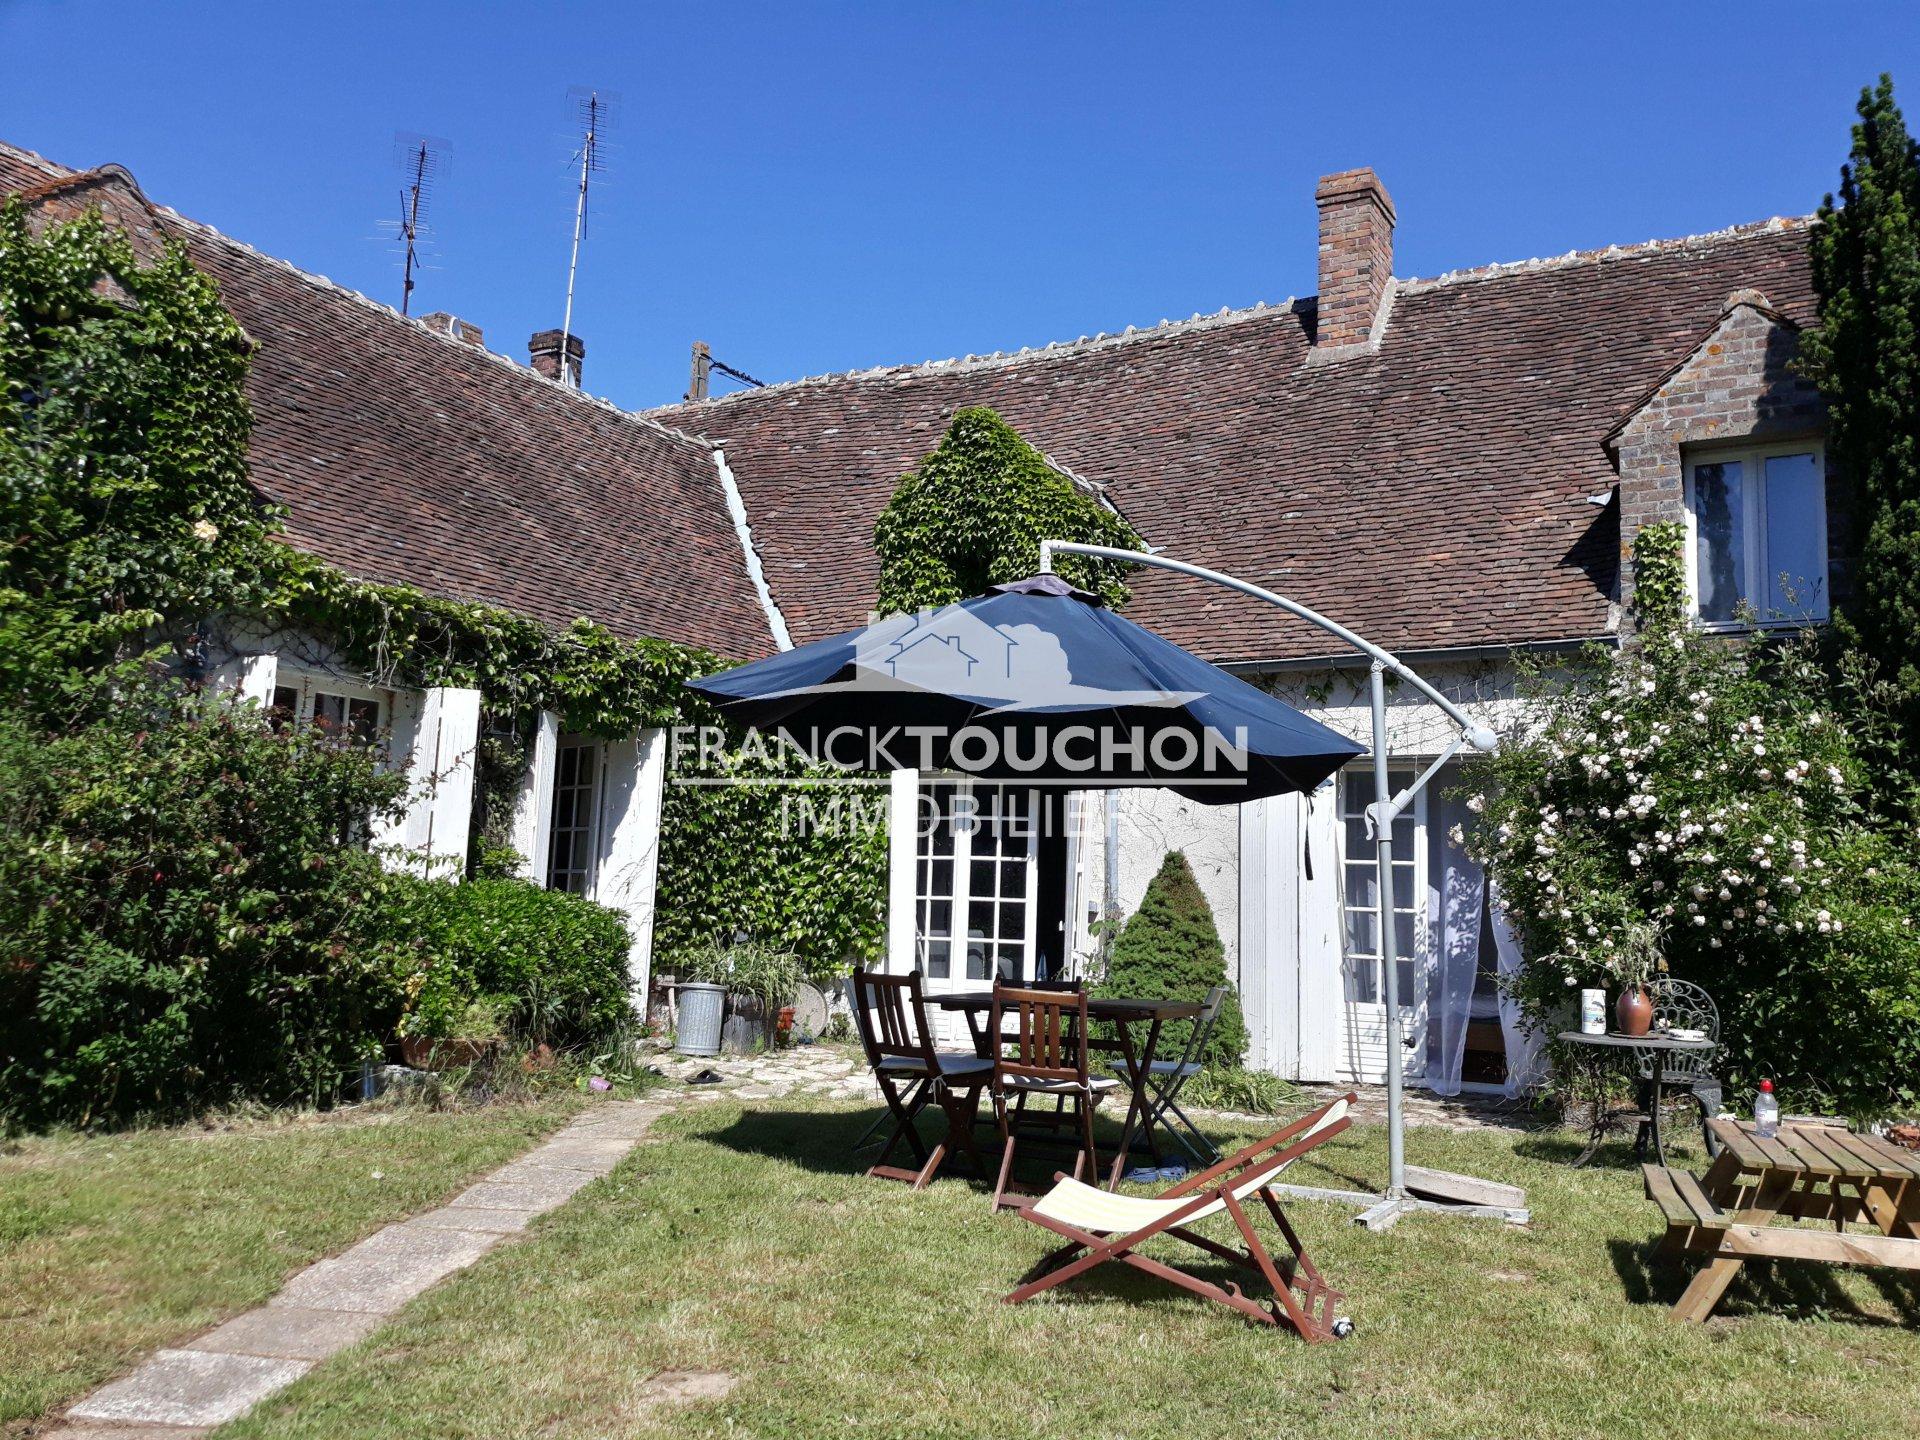 PROPRIETE à 10 min de FERRIERES EN GATINAIS (45210) - 179 m² hab - 4 chambres - 6365 m² terrain - à 1h20 de PARIS